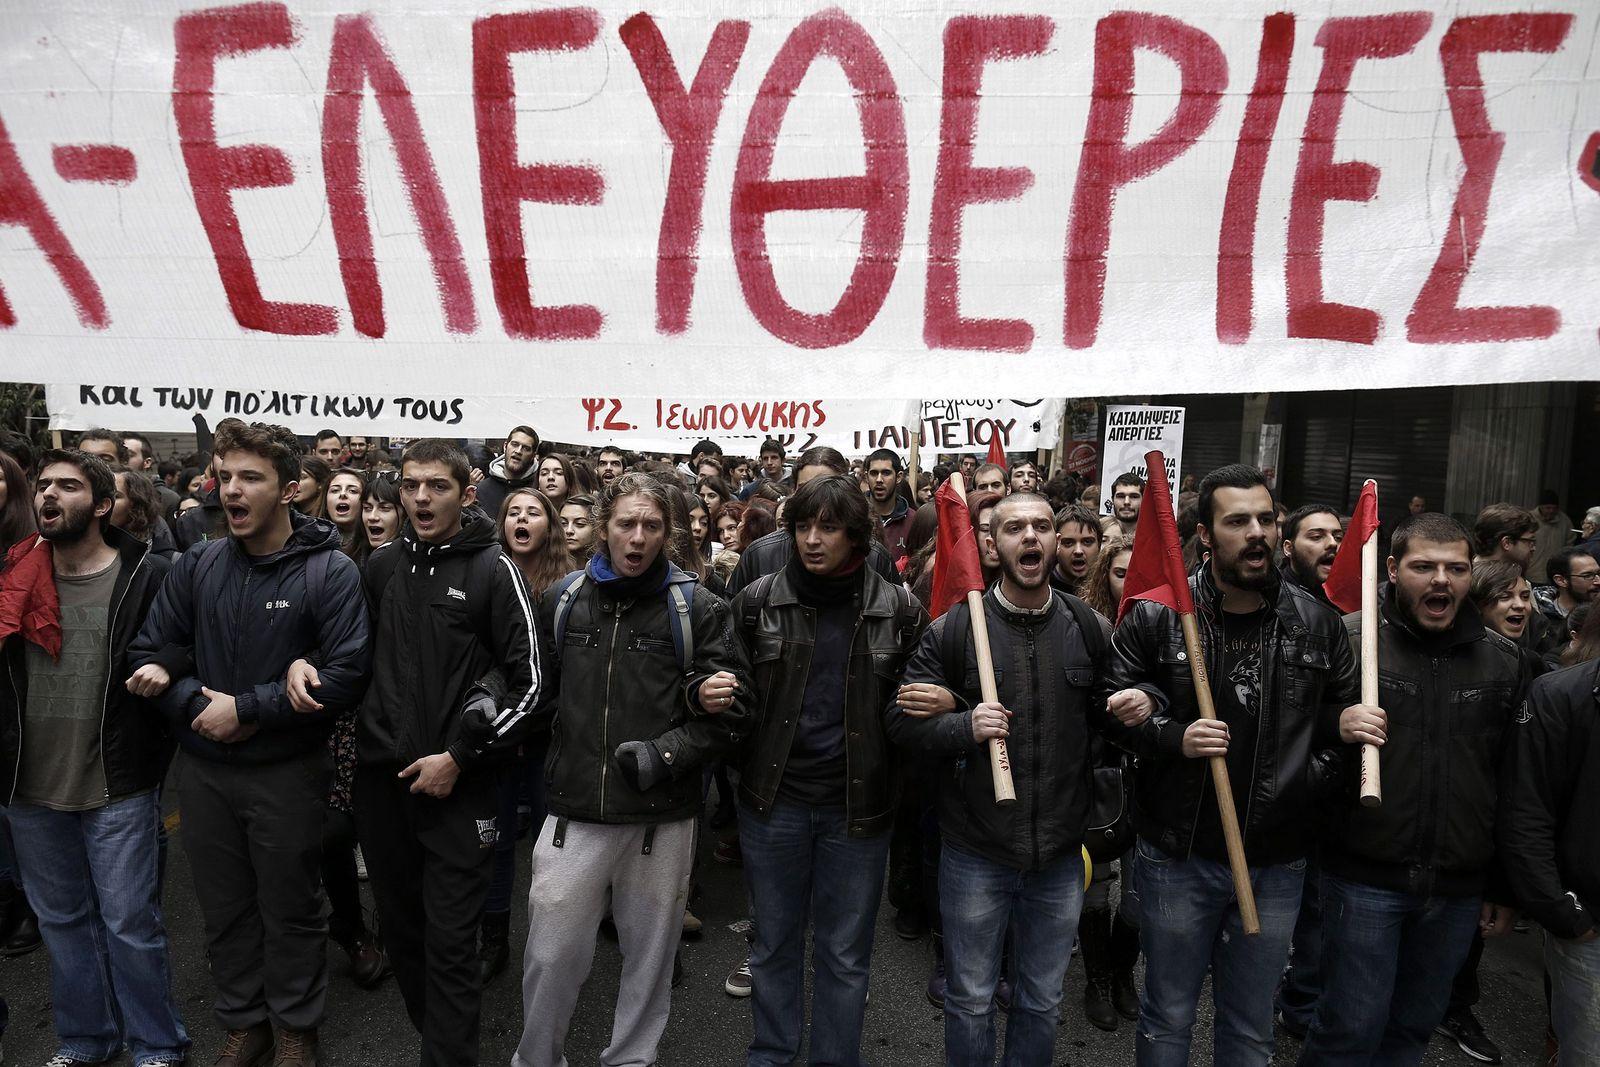 DER SPIEGEL 49/ 2014 pp 79 SPIN / Griechenland